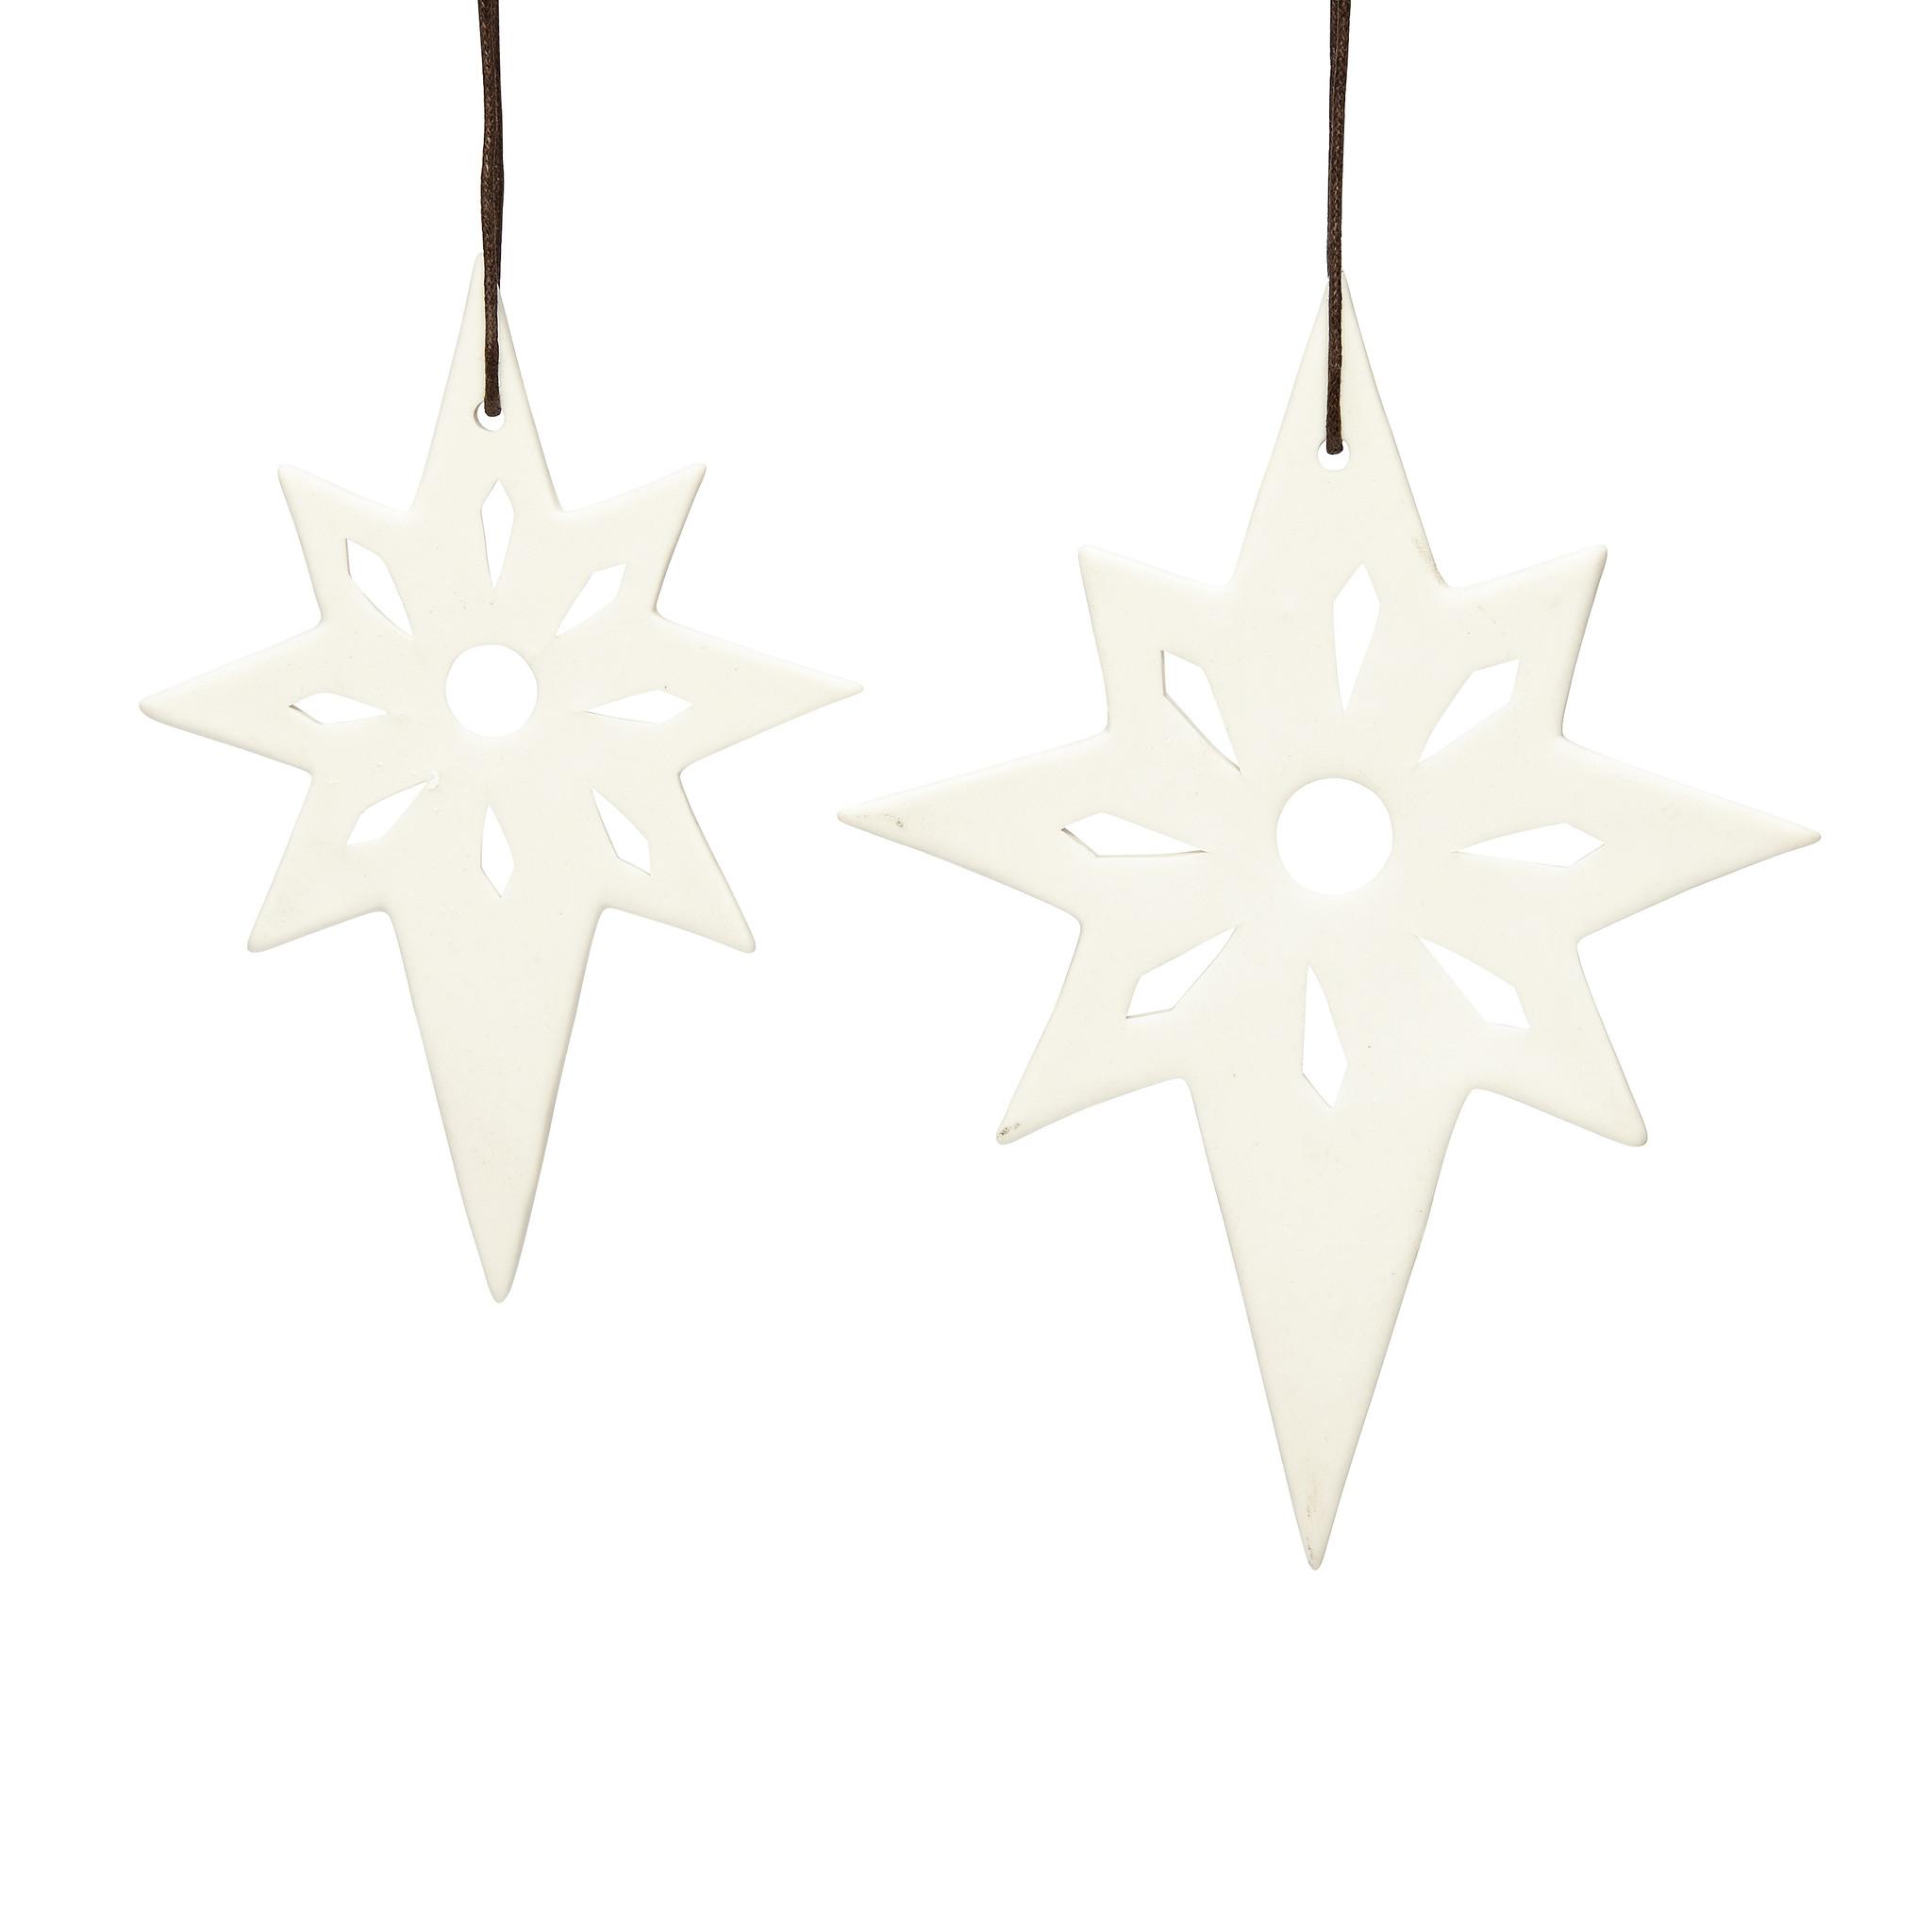 Hubsch Kerstster, keramiek, wit, set van 2-258023-5712772051870